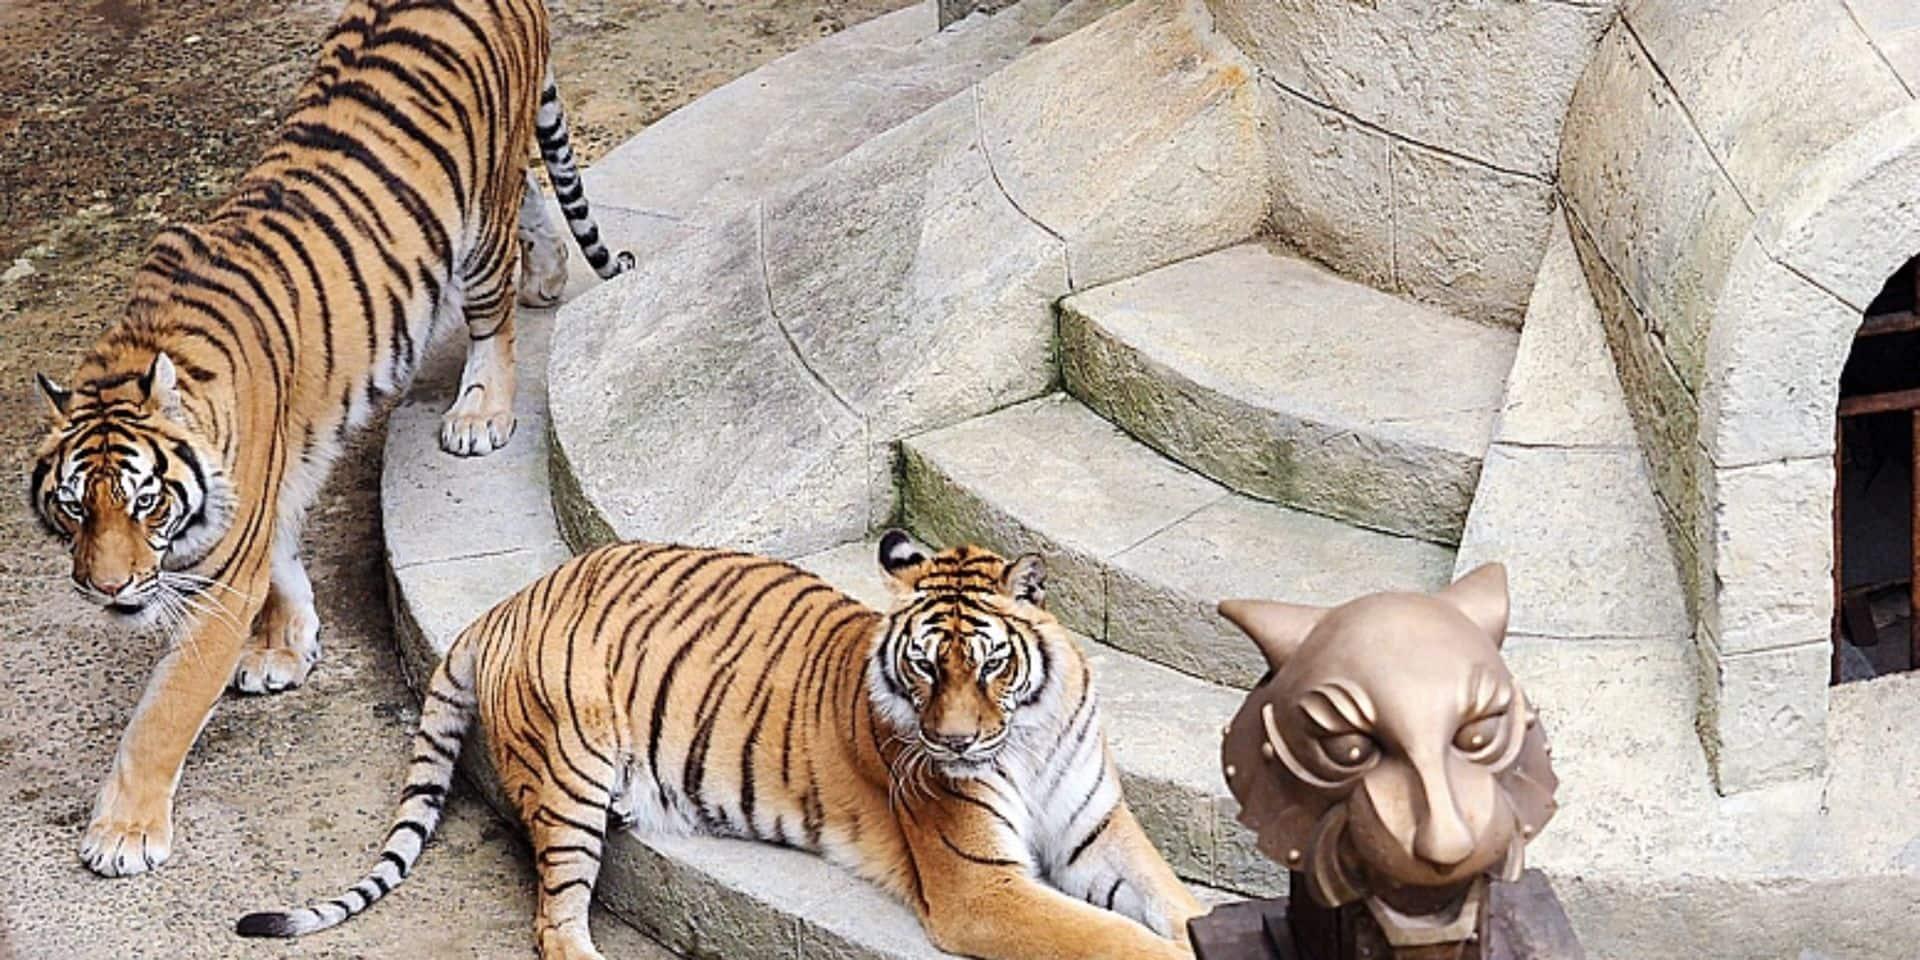 Les tigres dans Fort Boyard, c'est fini !